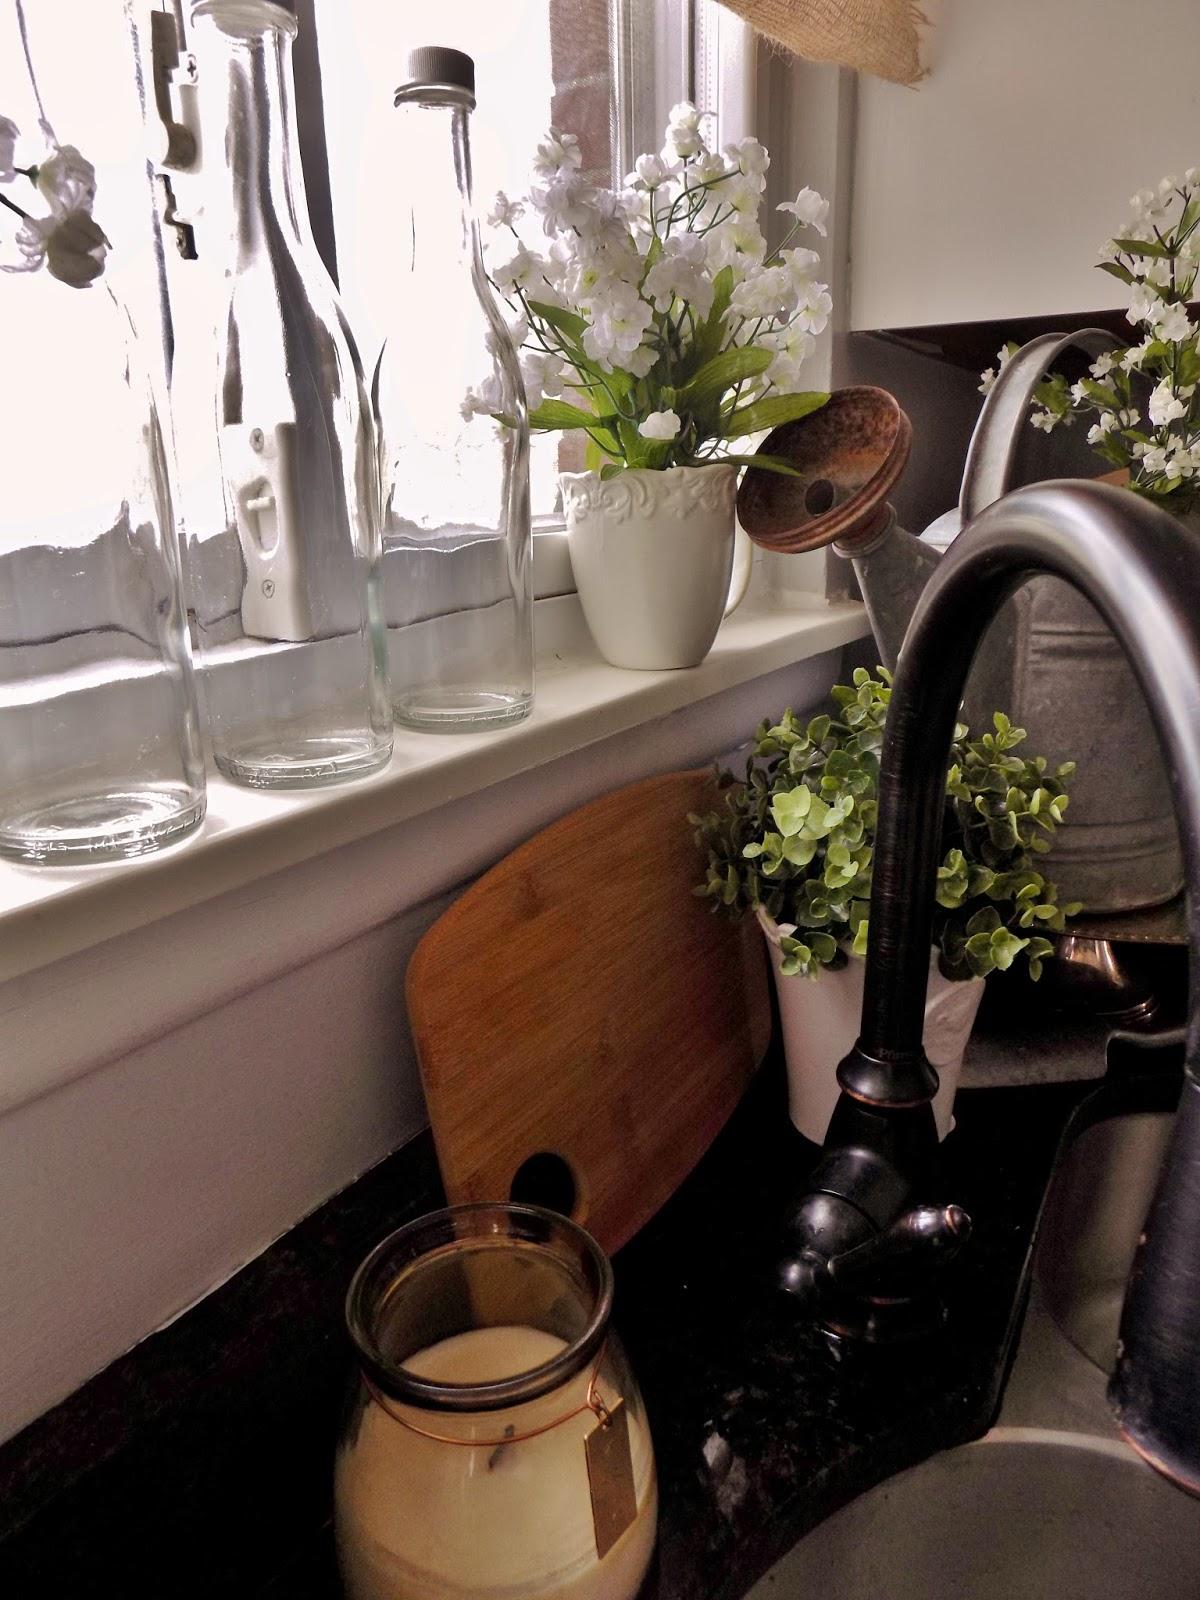 The Quaint Sanctuary: { Farmhouse & Kitchen Counter Decor ... on Farmhouse Kitchen Counter Decor Ideas  id=53716